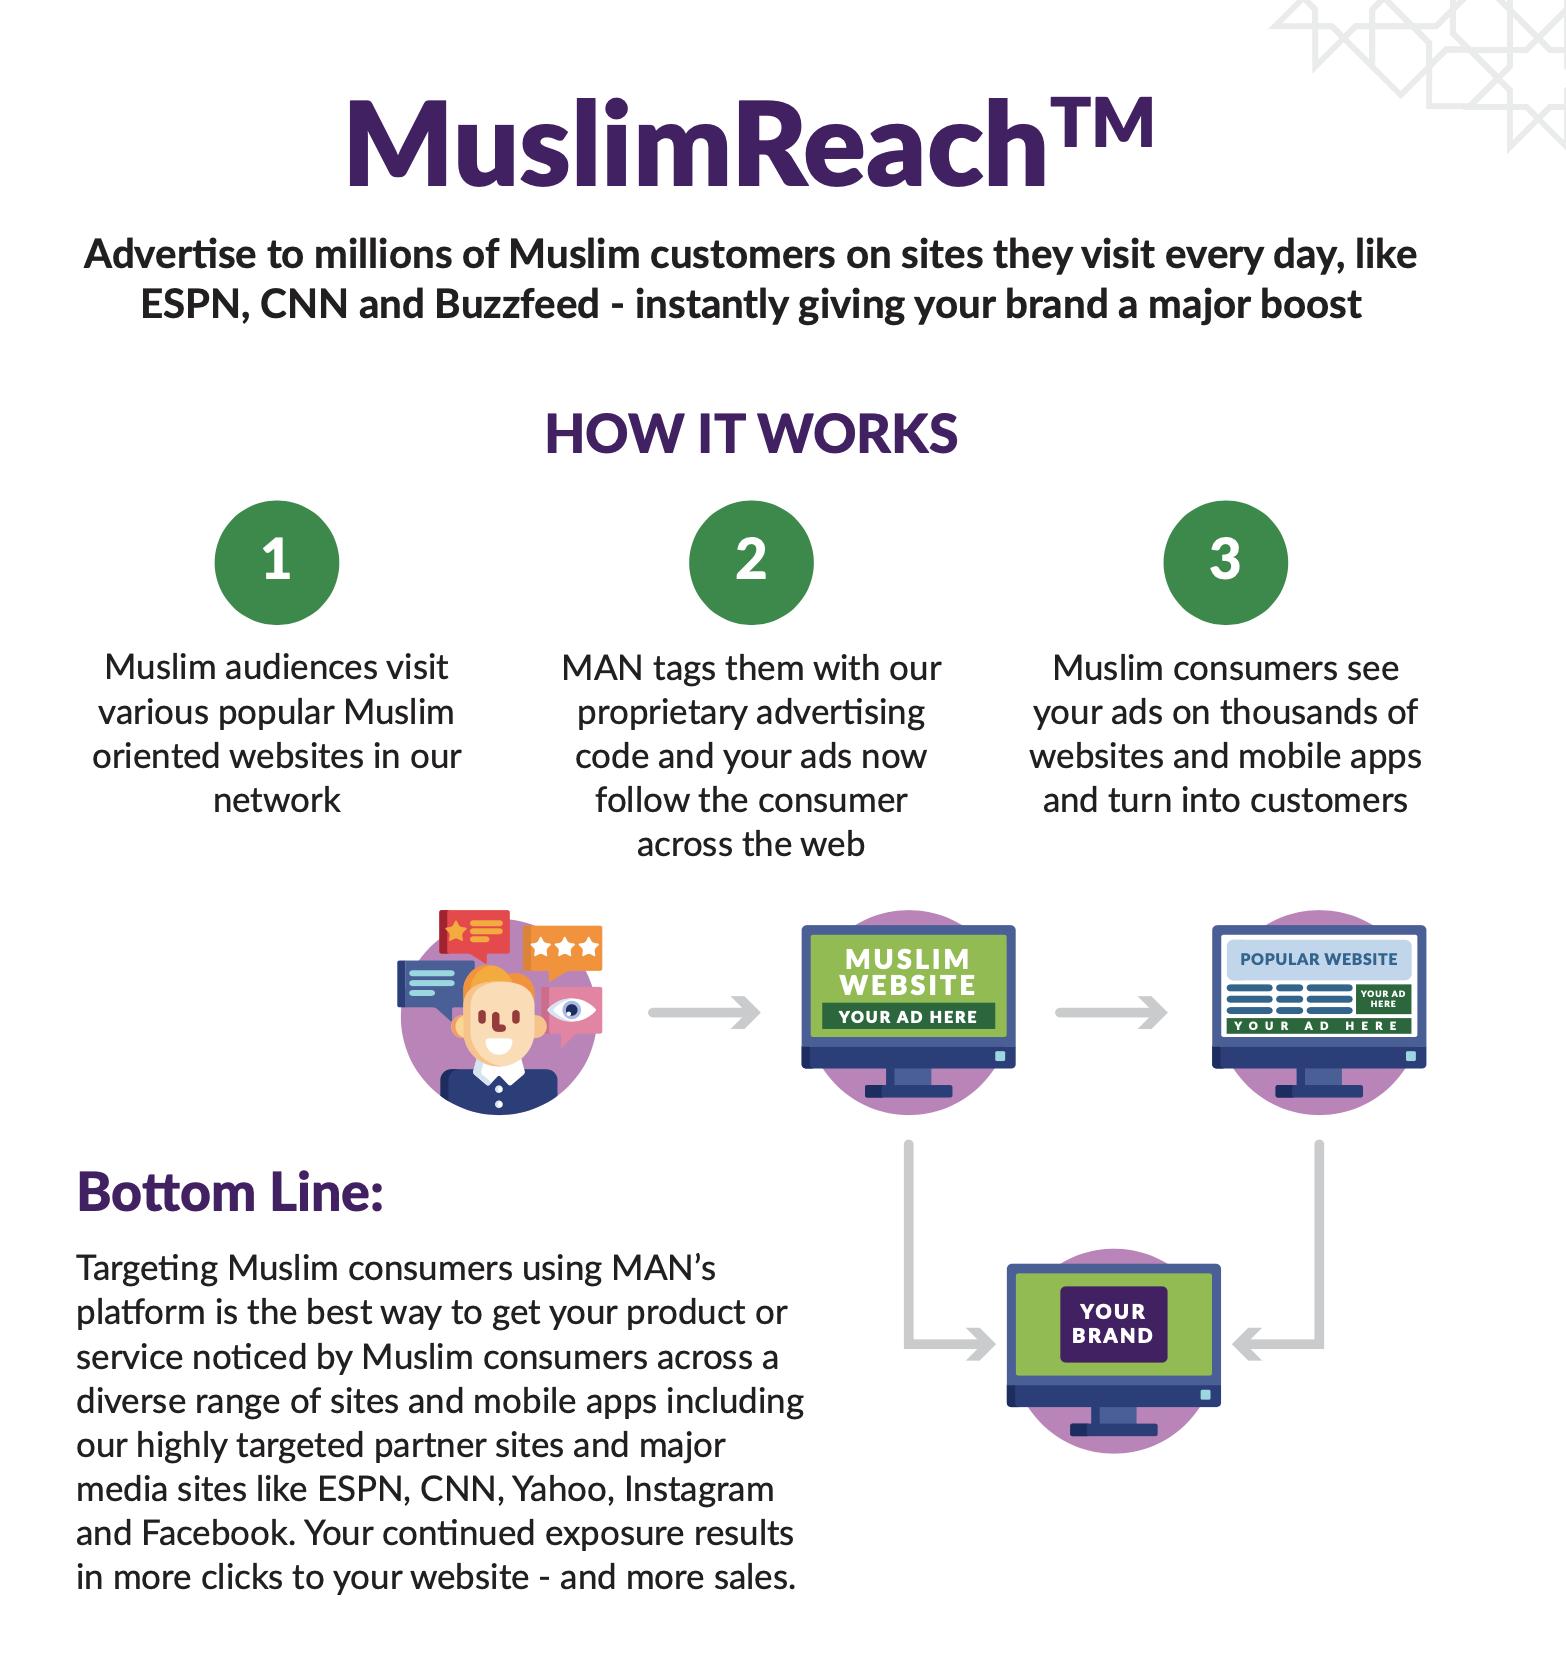 MuslimReach